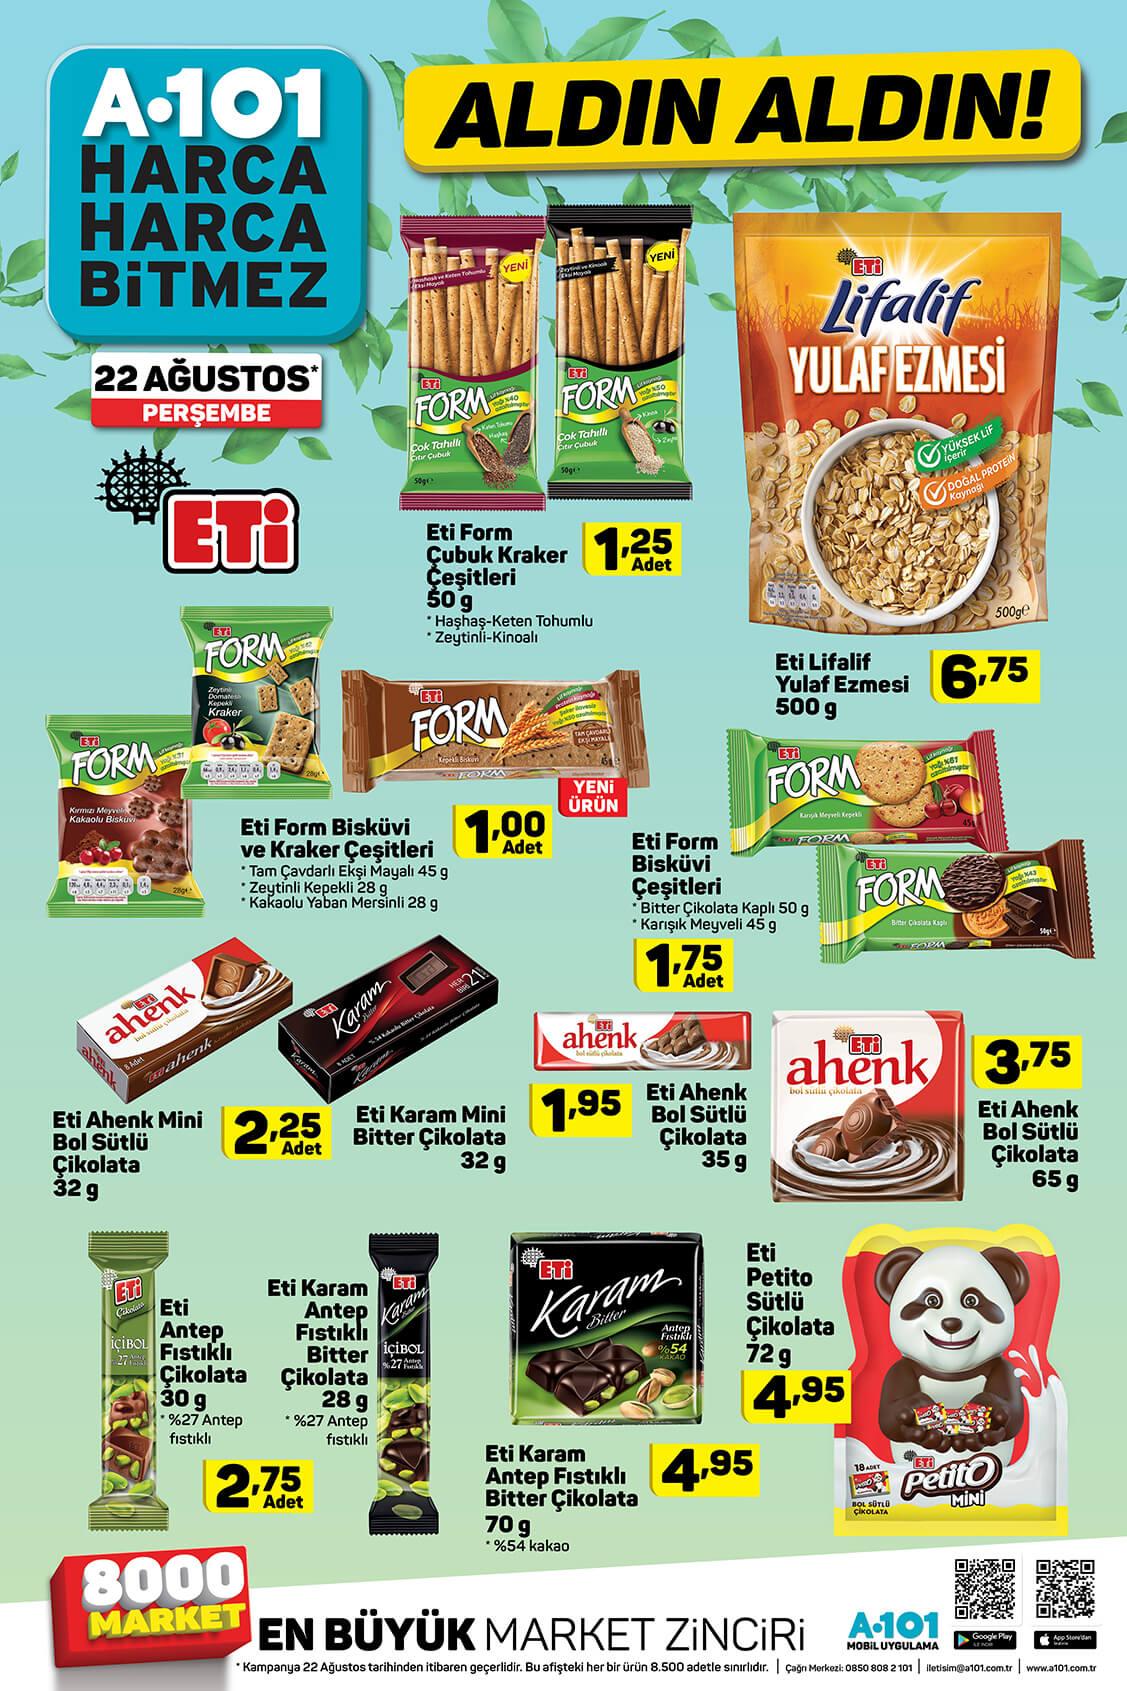 A101 22 Ağustos'tan İtibaren Aldın Aldın Aktüel Ürünleri!